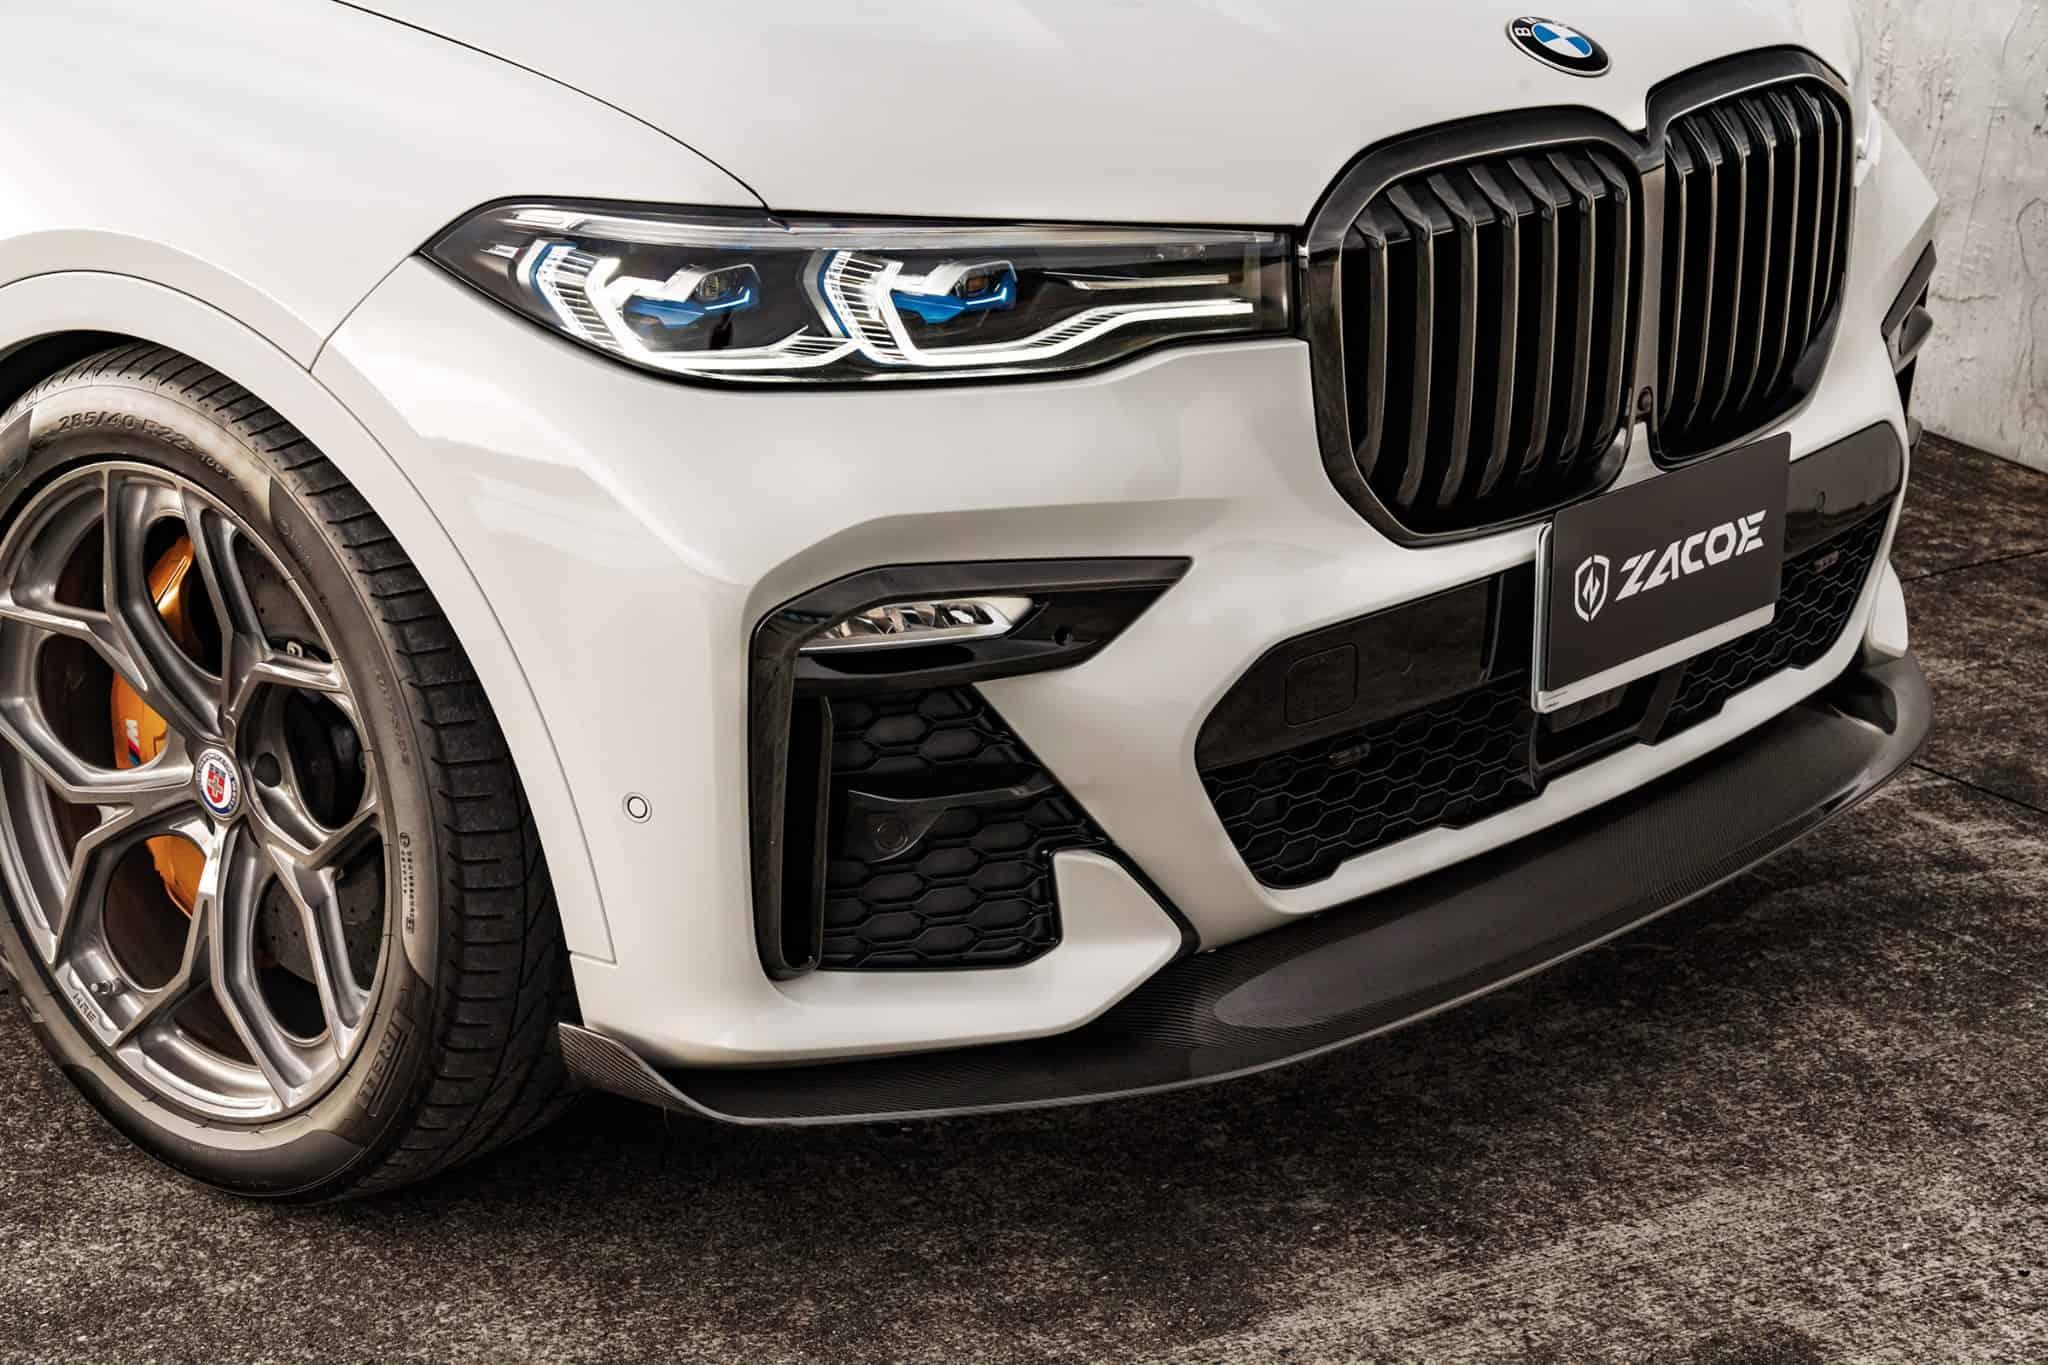 BMW X7 aero kit by Zacoe designers